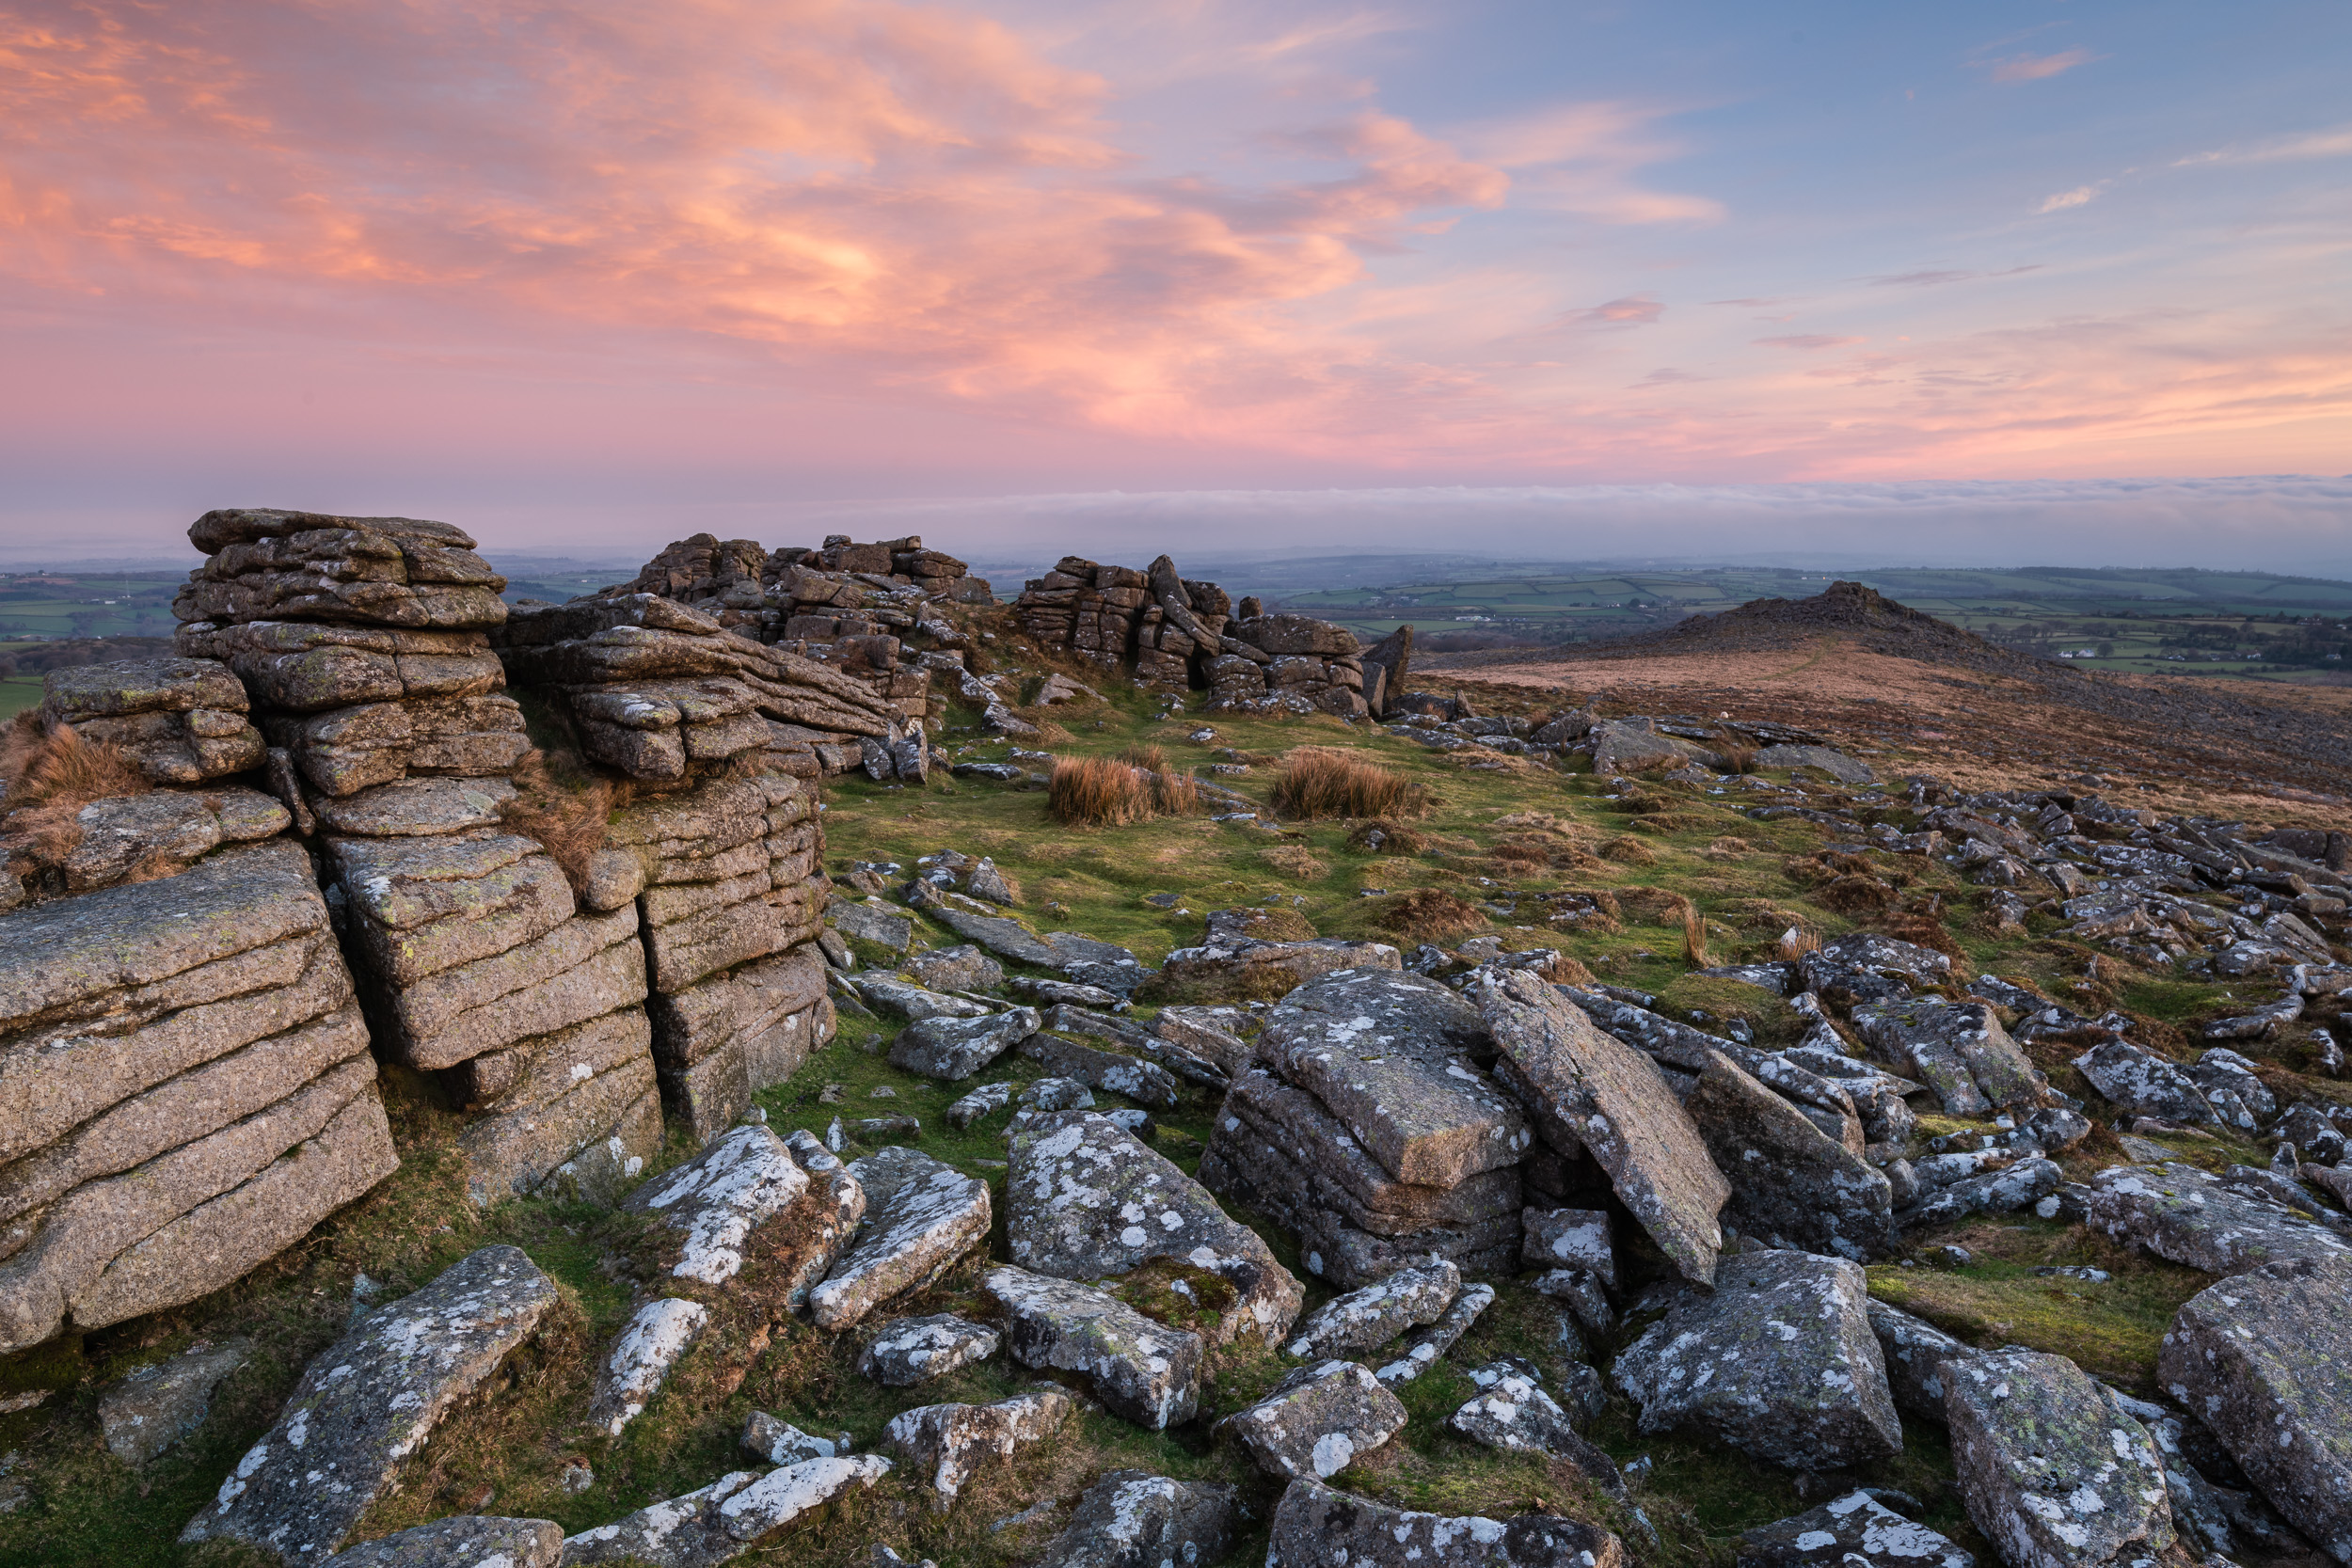 Belstone Tor and Belstone Common at Dawn, Dartmoor, Devon  - Nikon D850, Nikkor 16-35 mm f/4 @ 26 mm, f/13, 3 secs @ ISO 64.